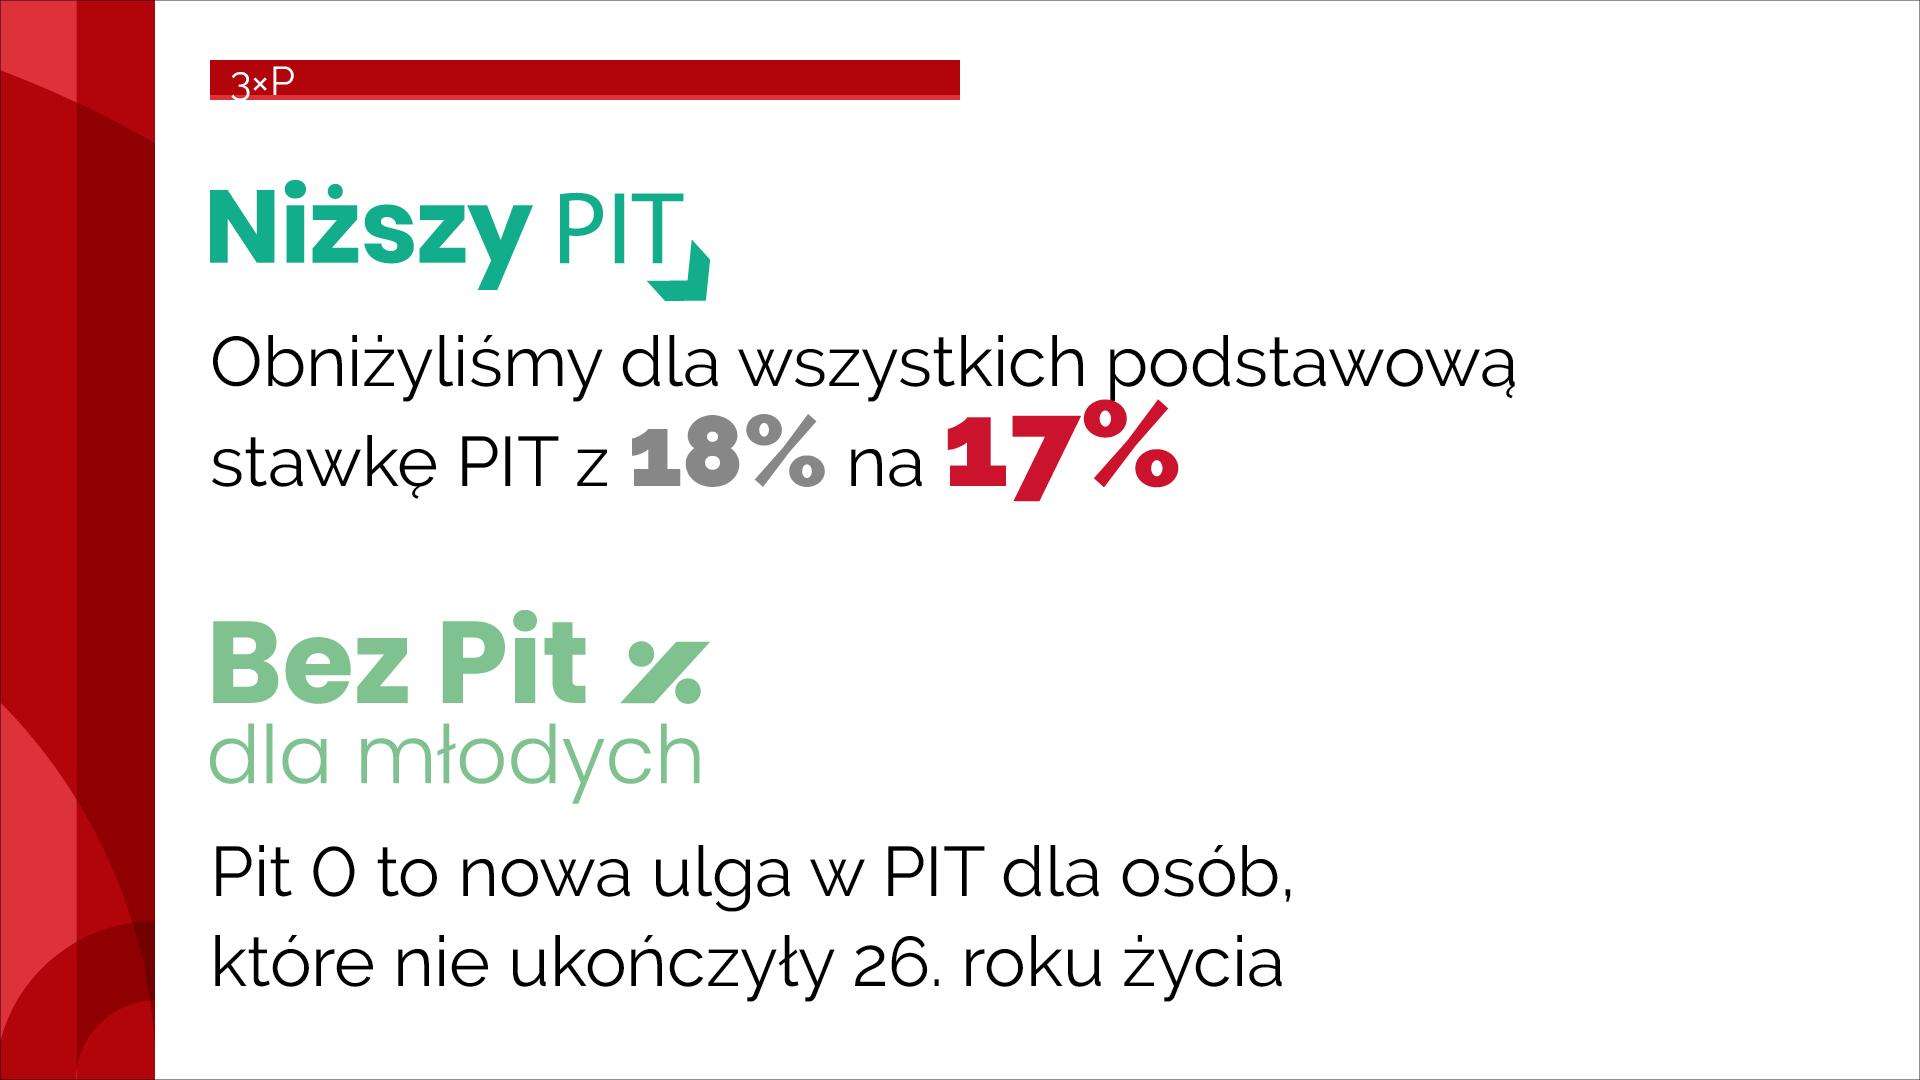 Obniżka PIT do 17% i brak PIT dla młodych do 26 roku życia